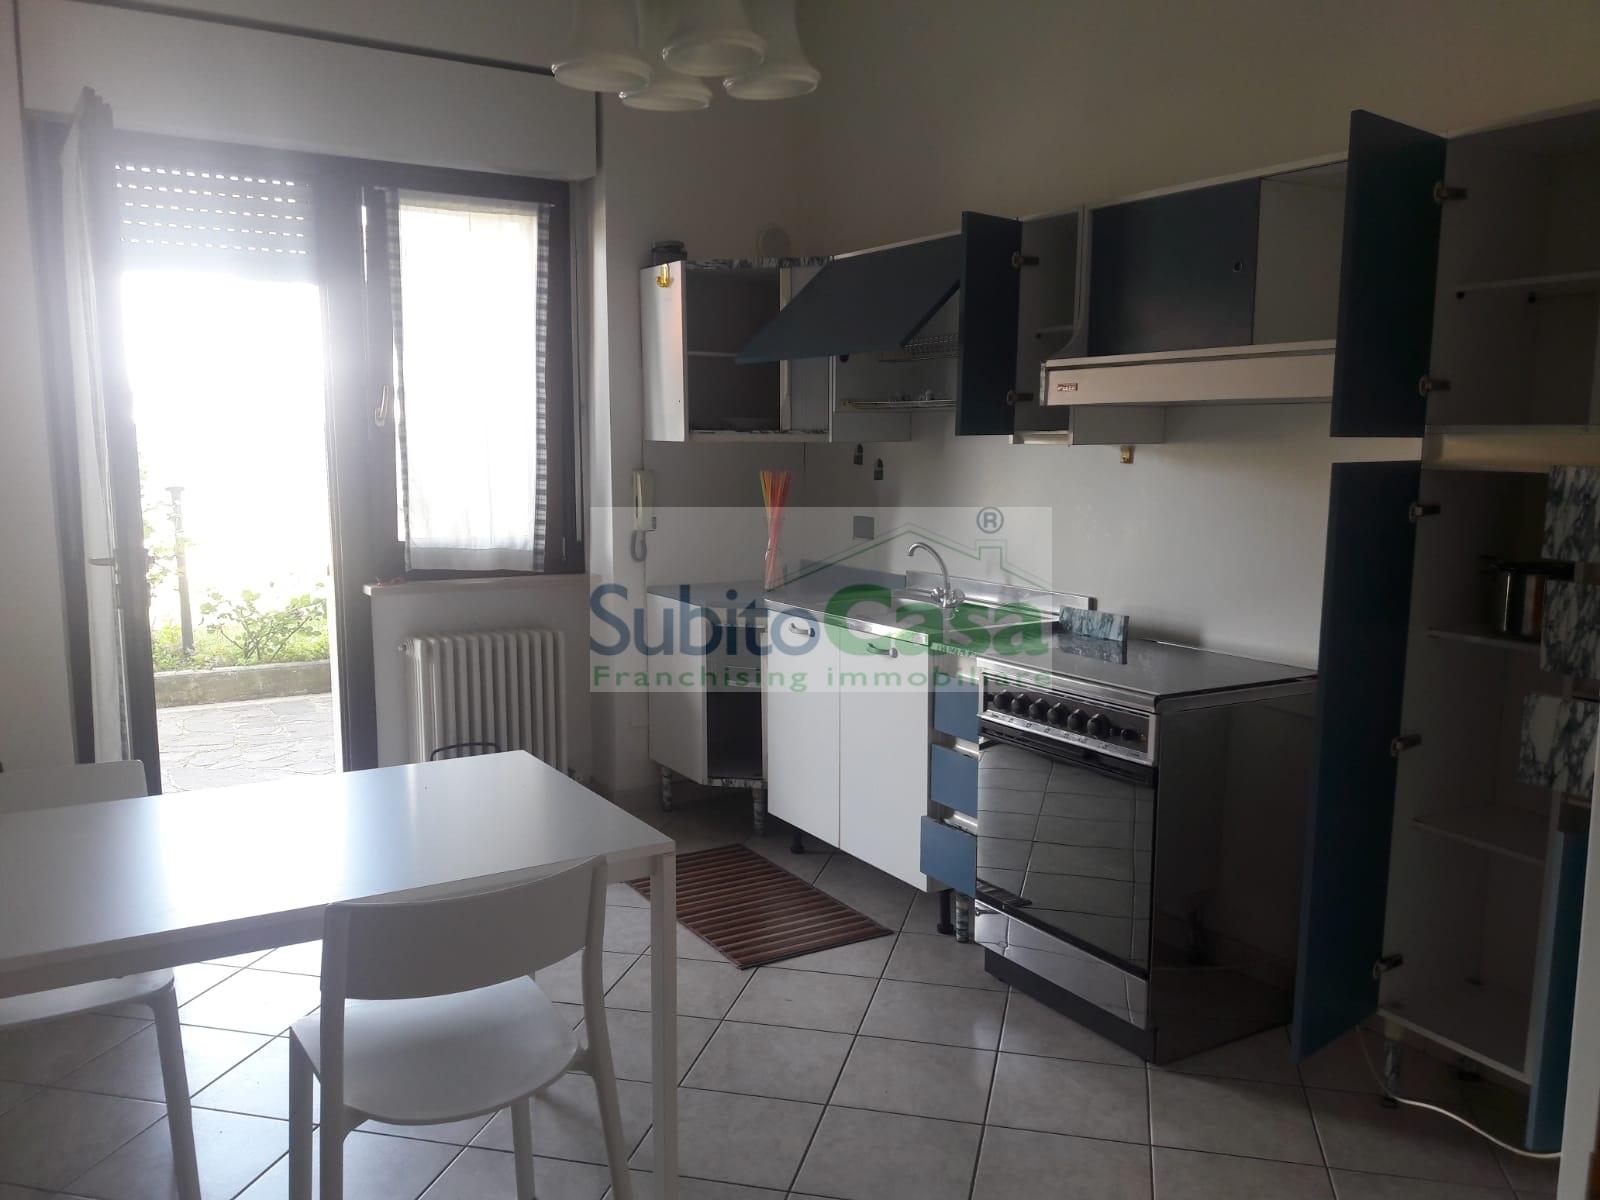 Appartamento in affitto a Chieti (CH)